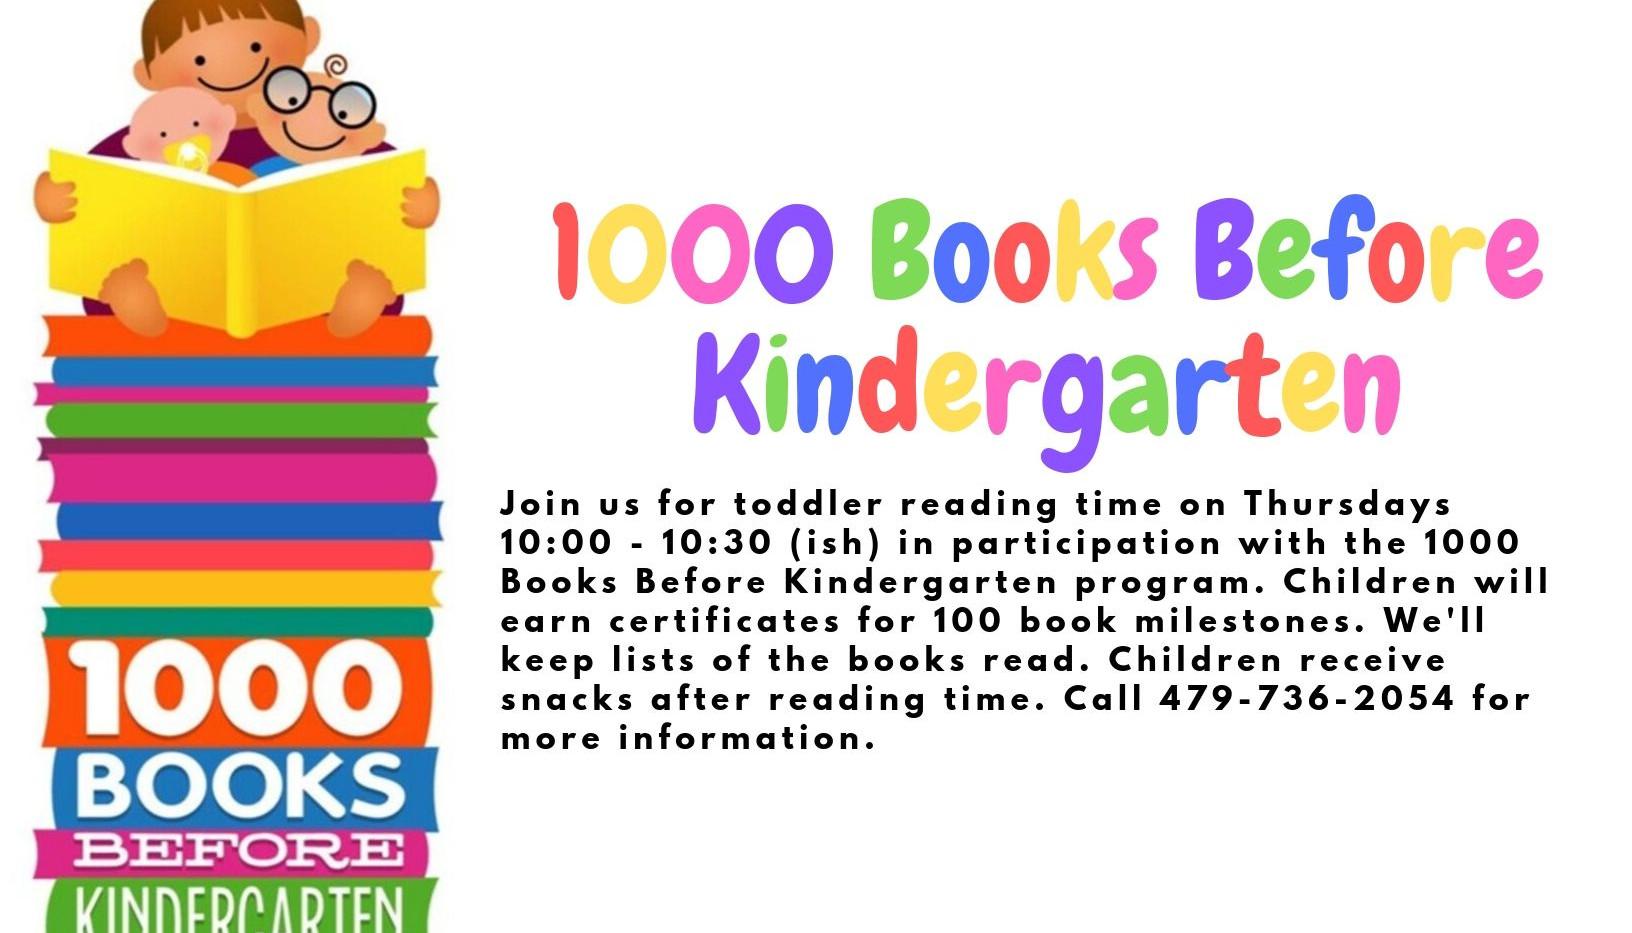 1000 Books Before Kindergarten.jpg